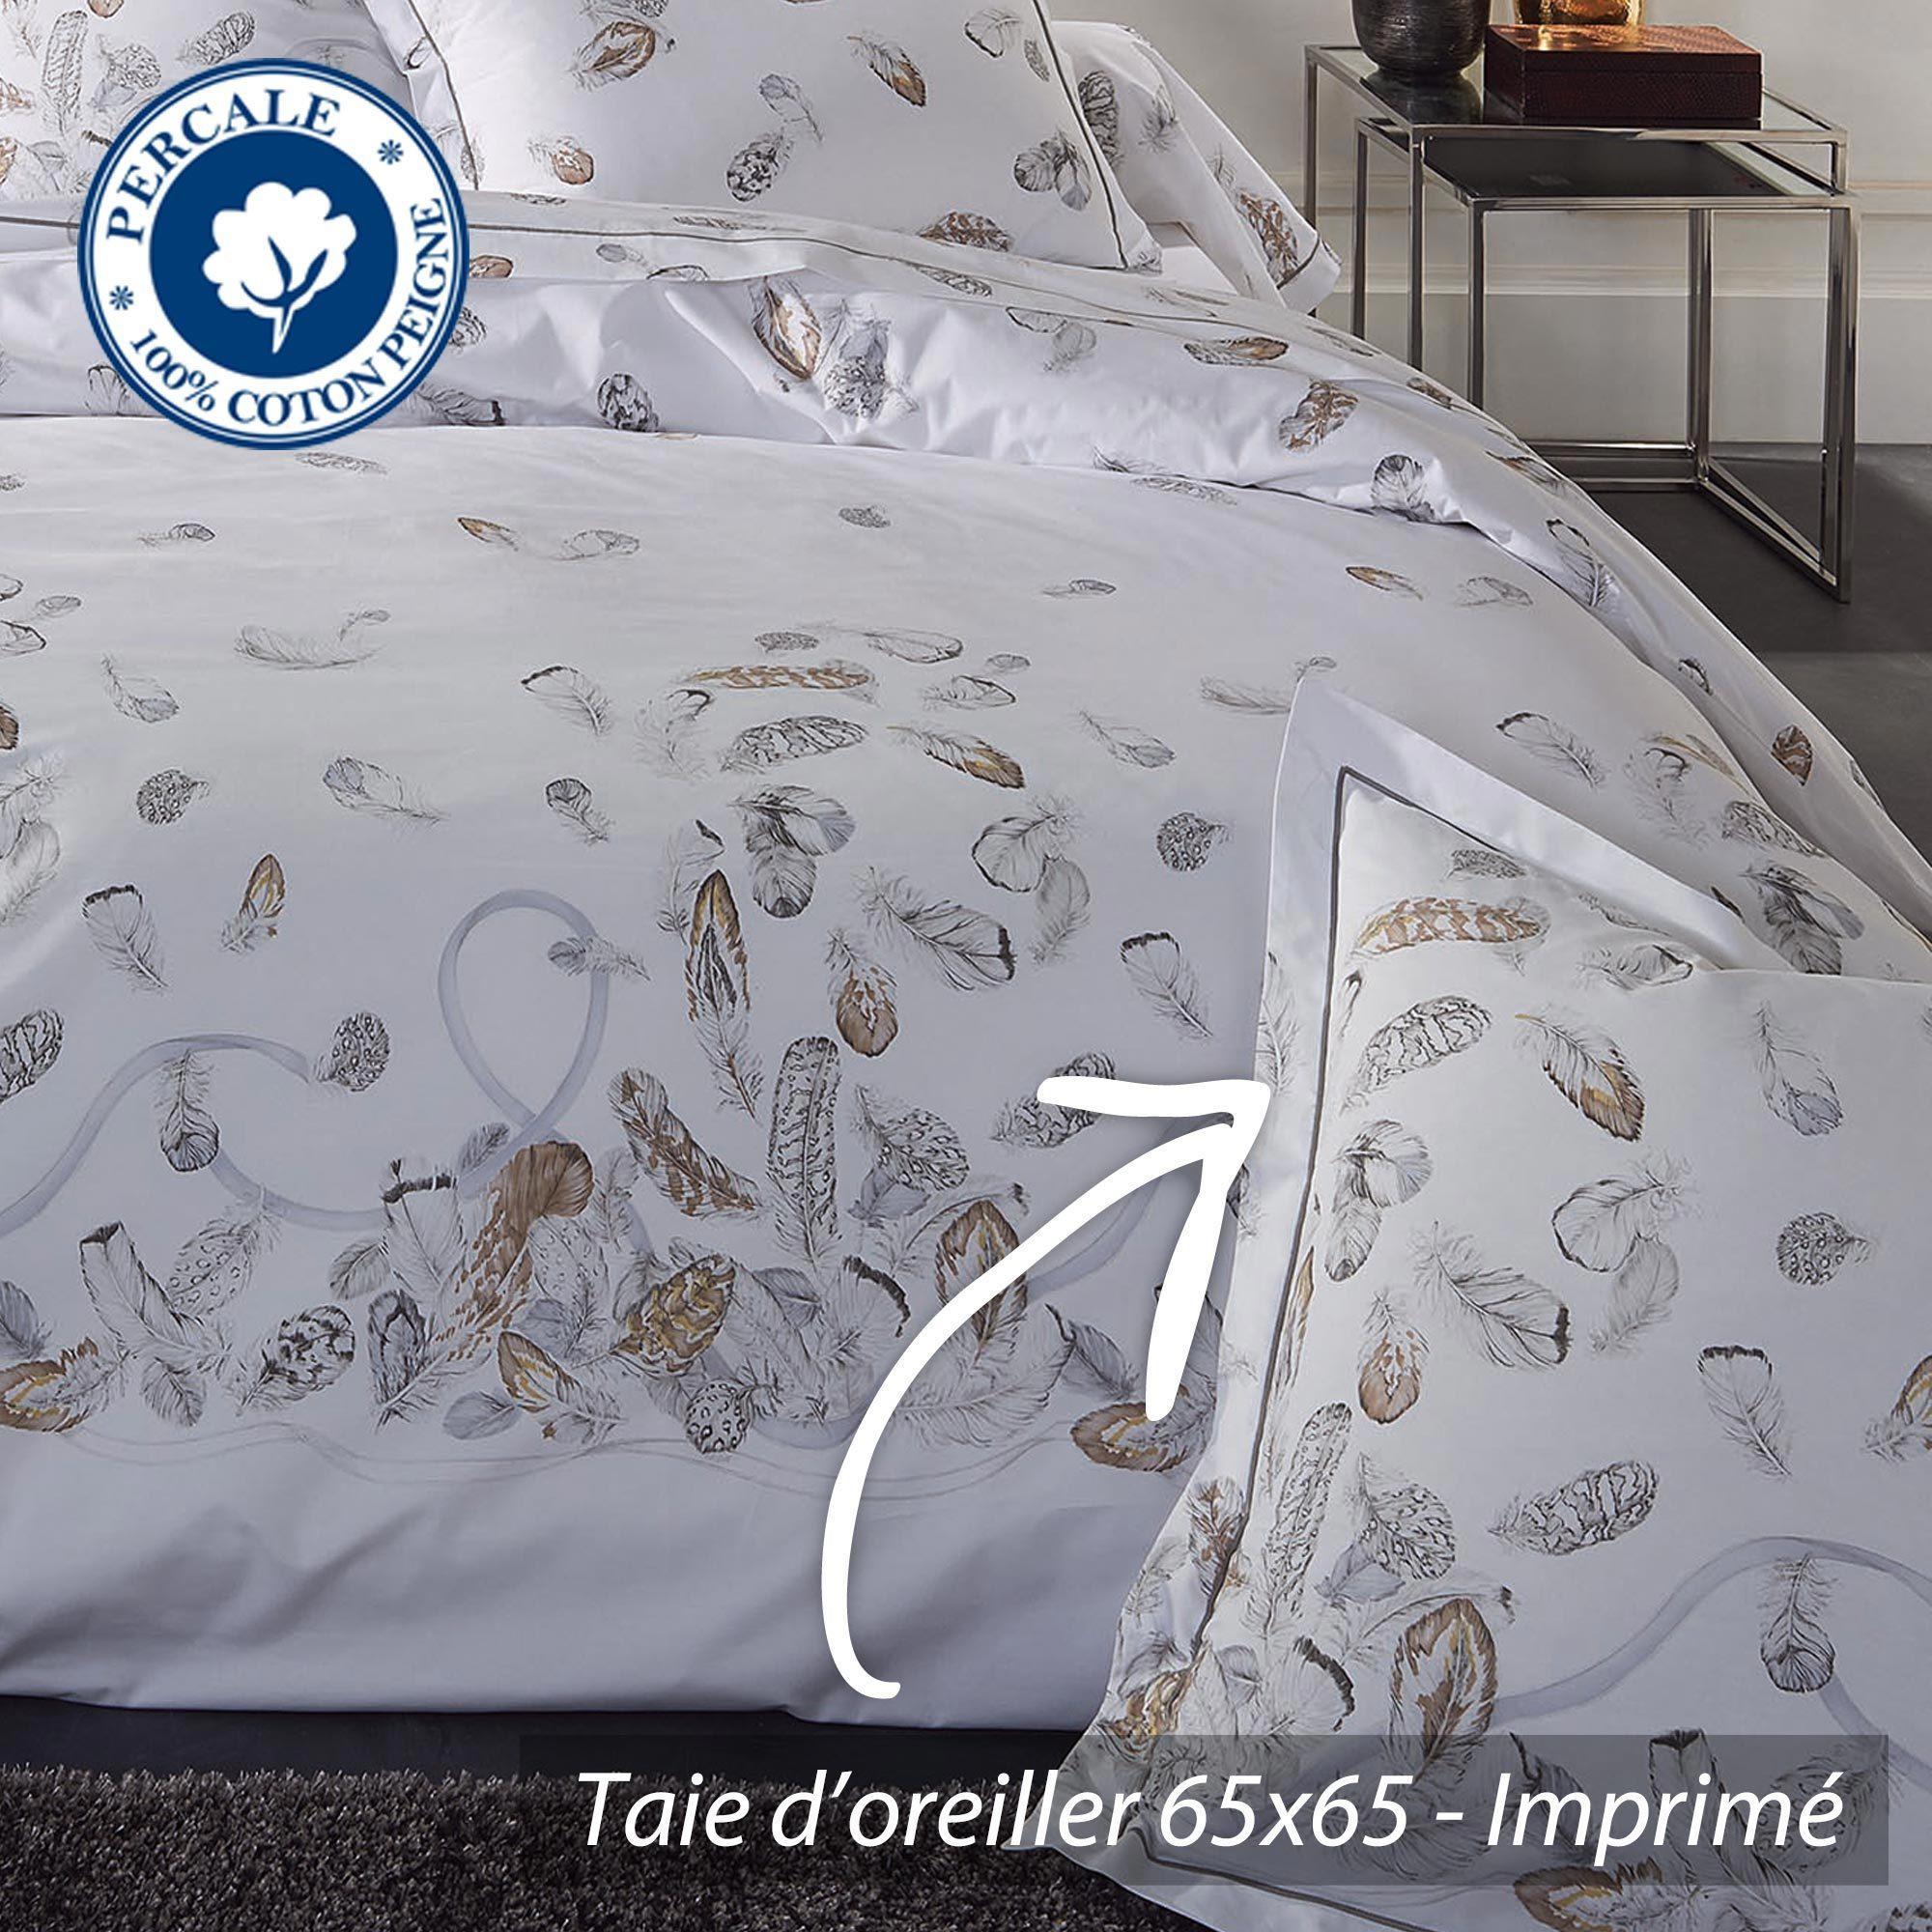 parure de lit percale pur coton peign 140x200 cm plumes. Black Bedroom Furniture Sets. Home Design Ideas